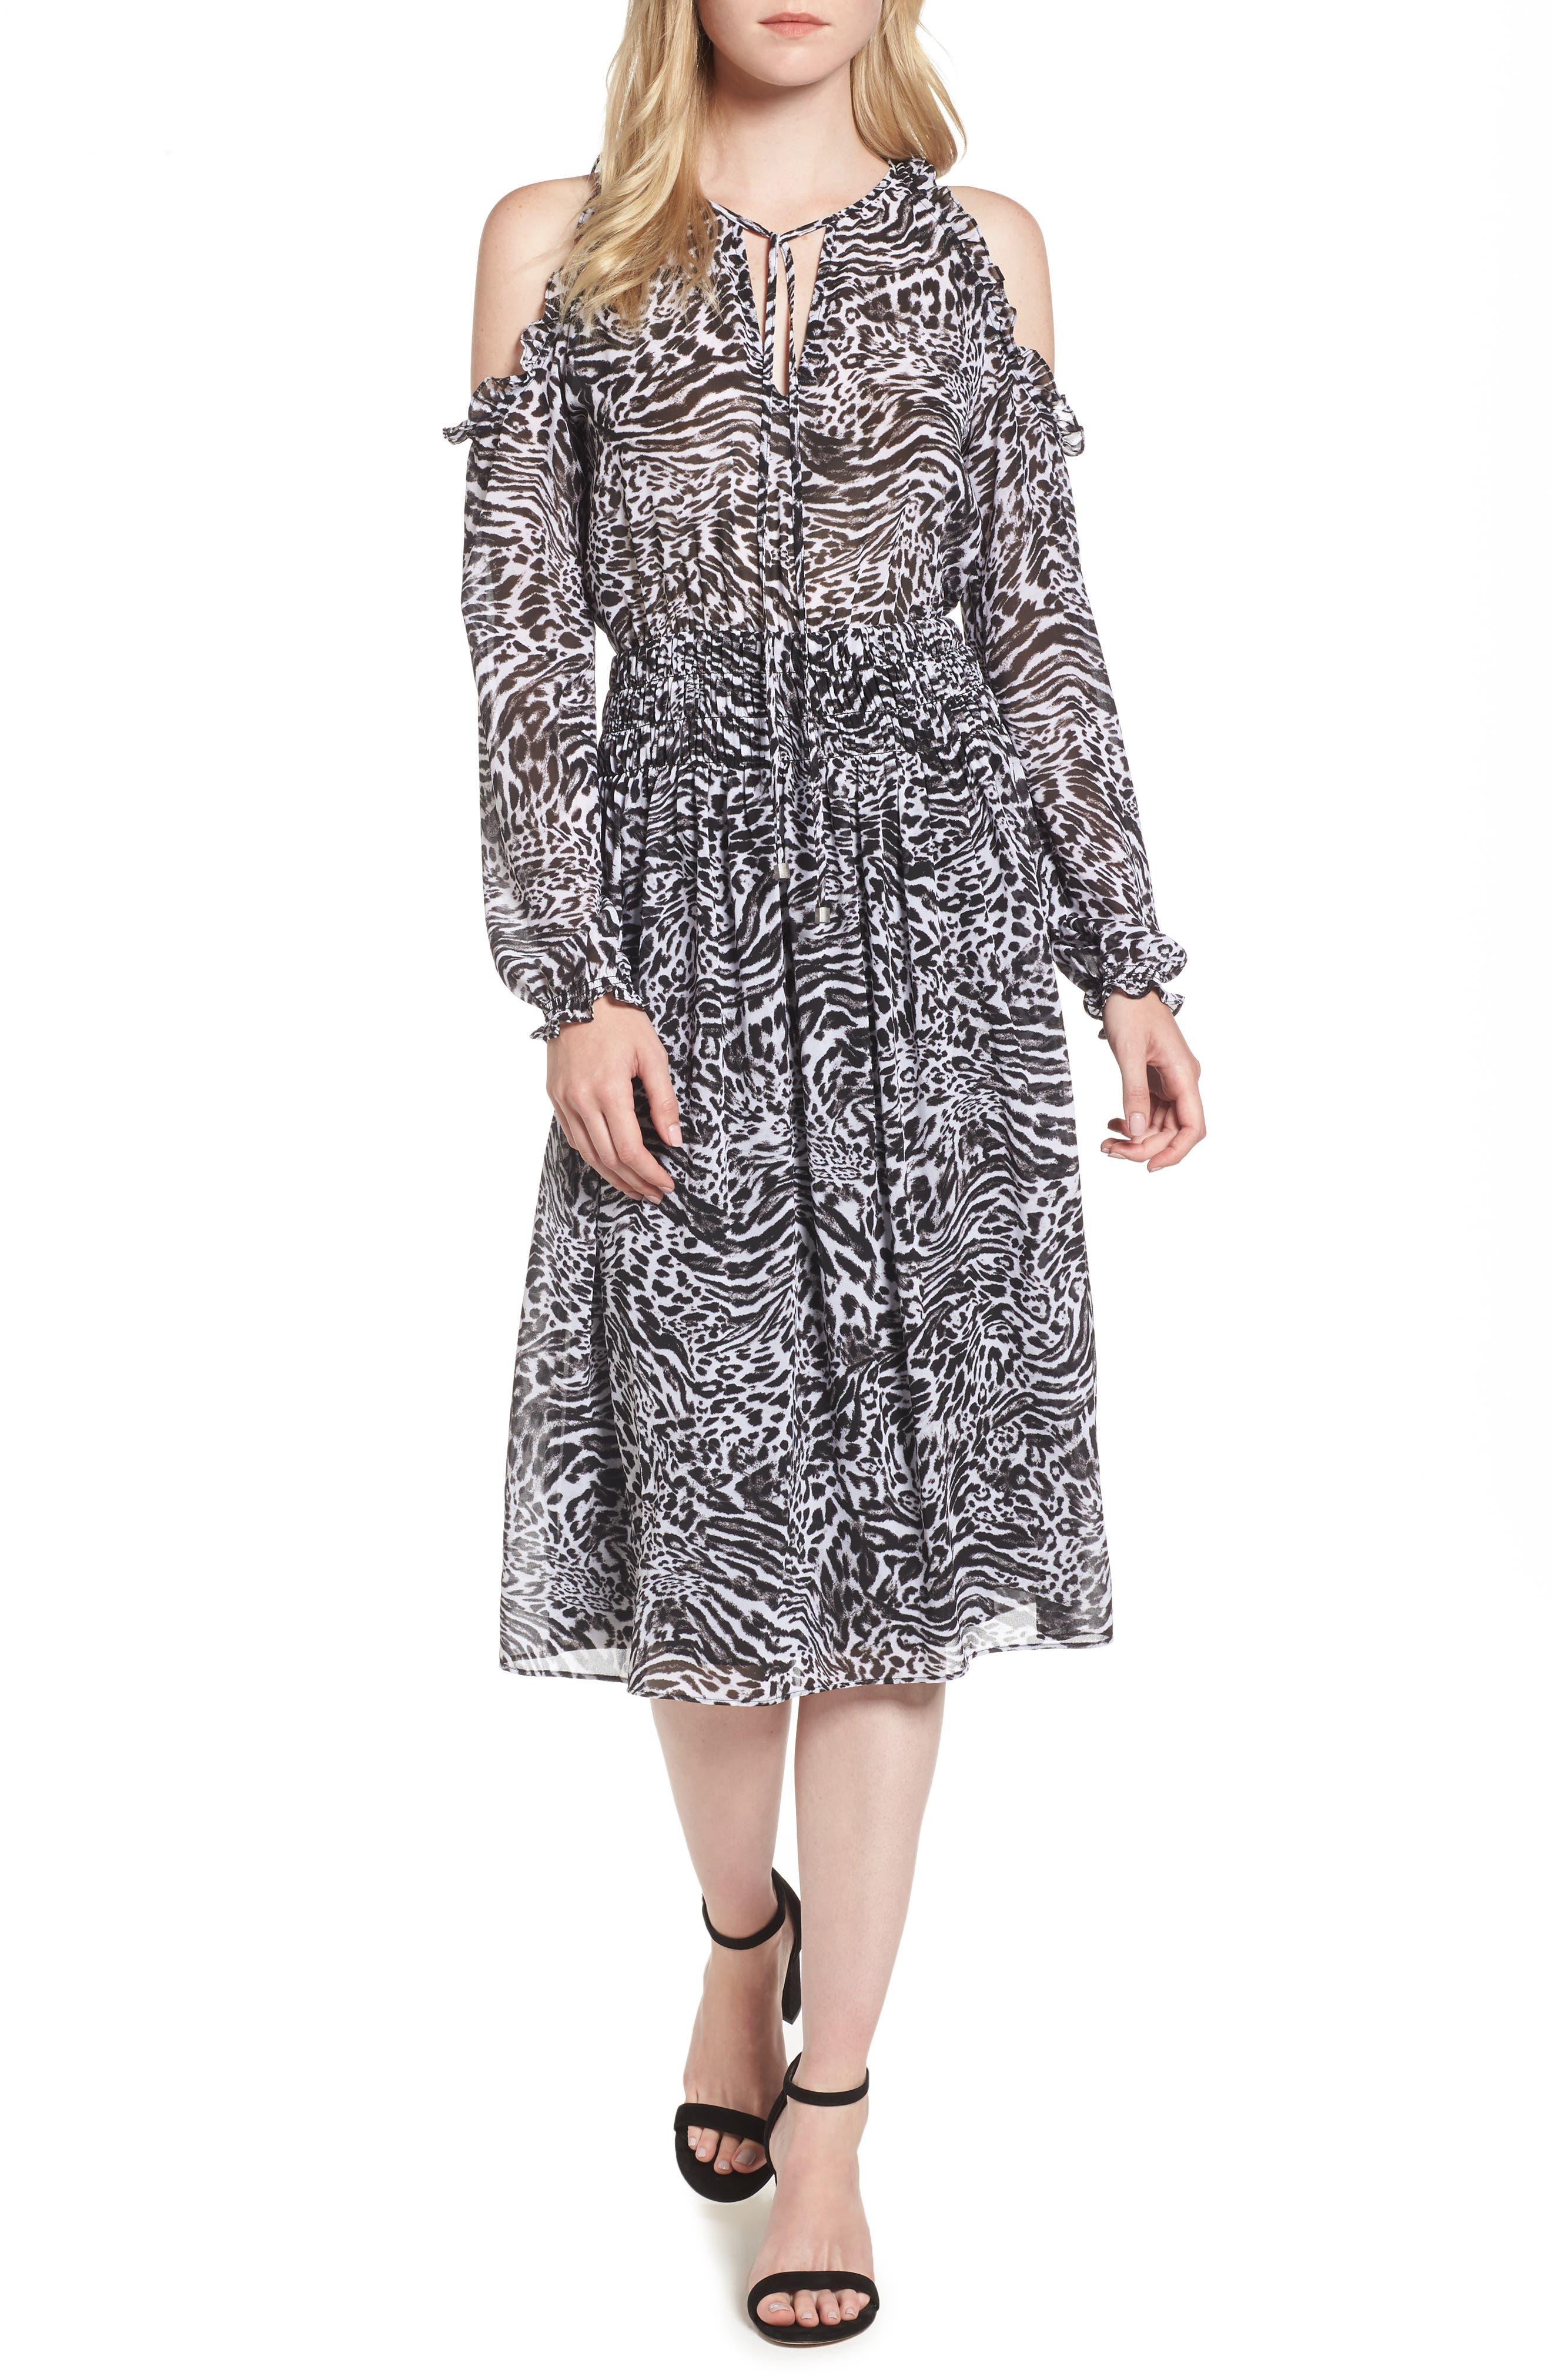 MICHAEL Michael Kors Big Cat Print Cold Shoulder Dress